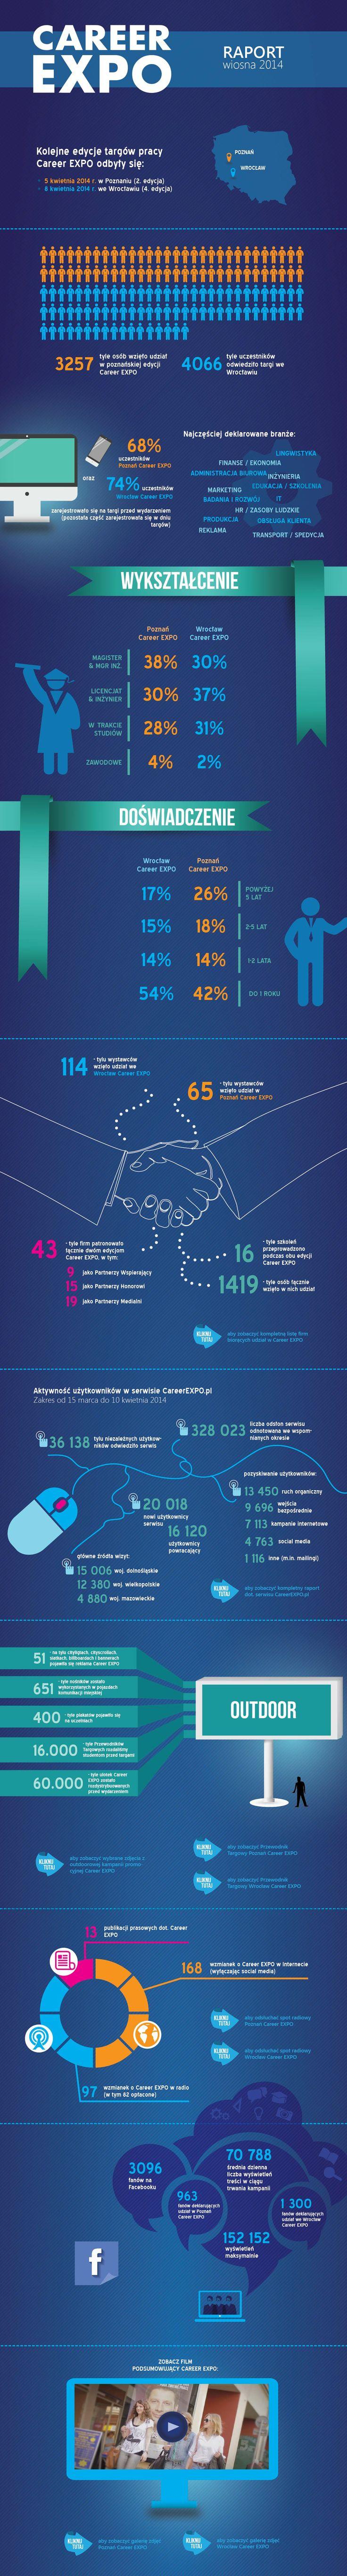 Raport z Career EXPO, wiosna 2014 (Poznań i Wrocław) - infografika